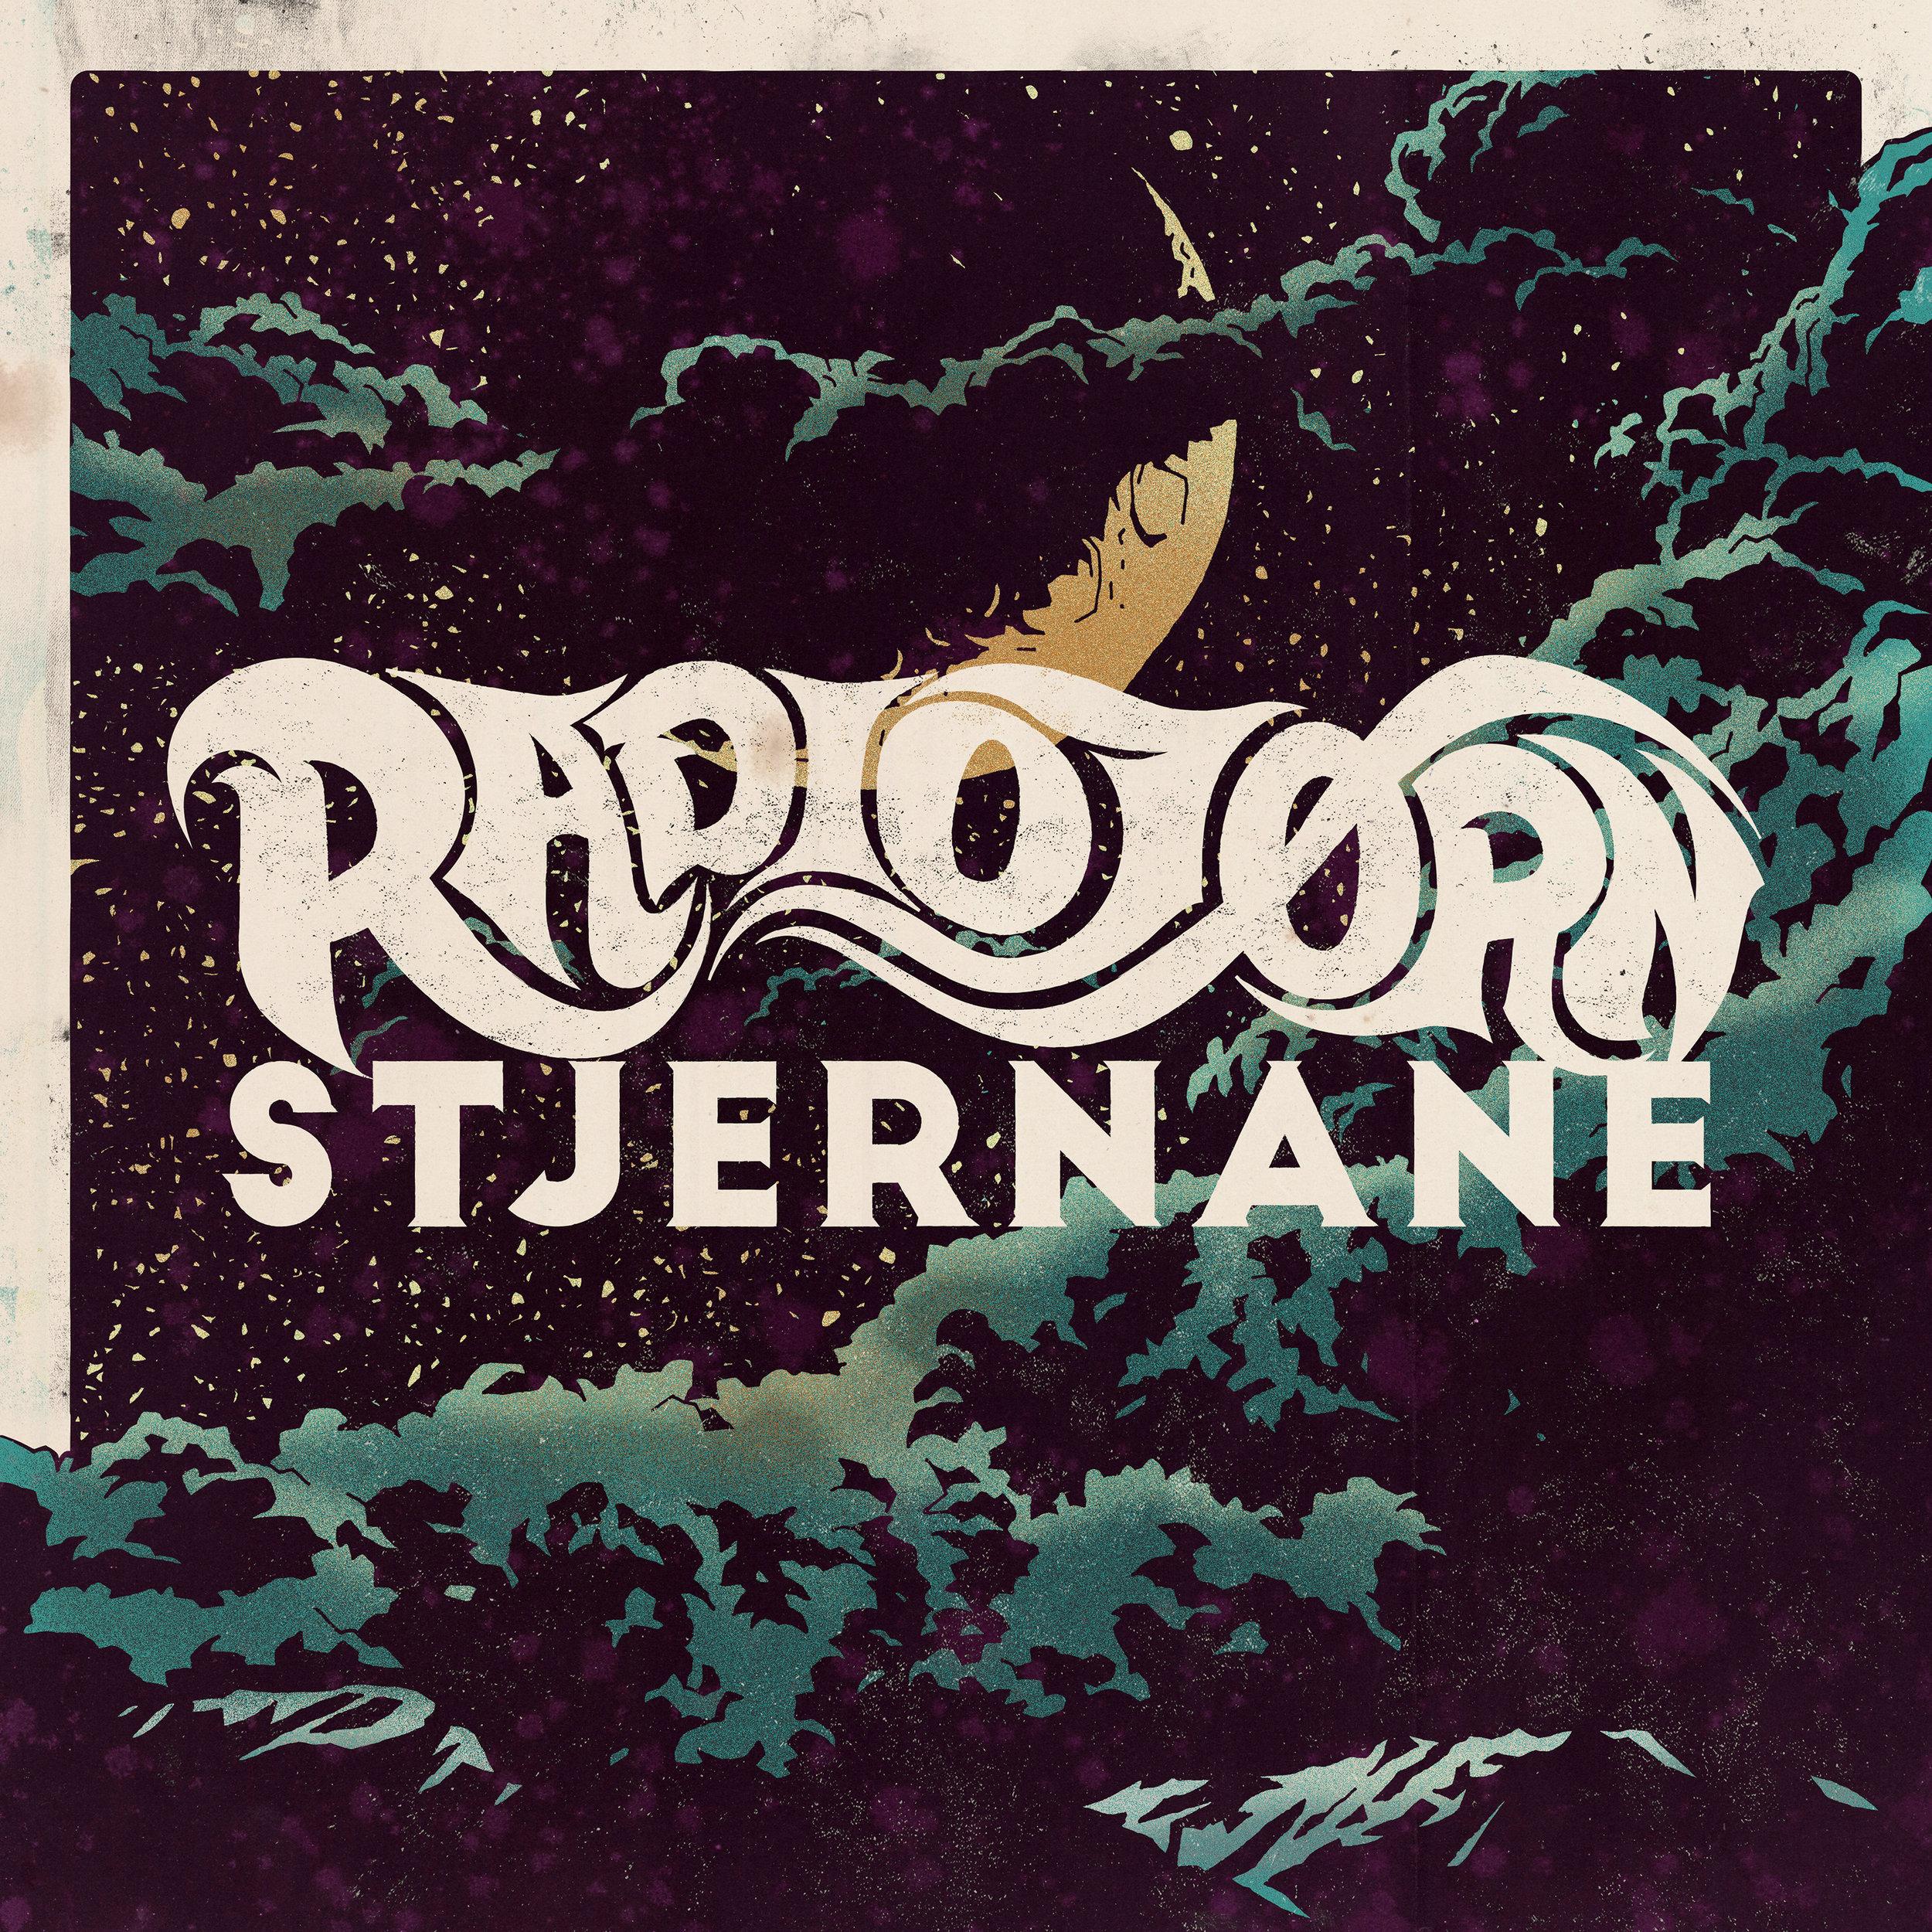 Stjernane-3000x3000.jpg